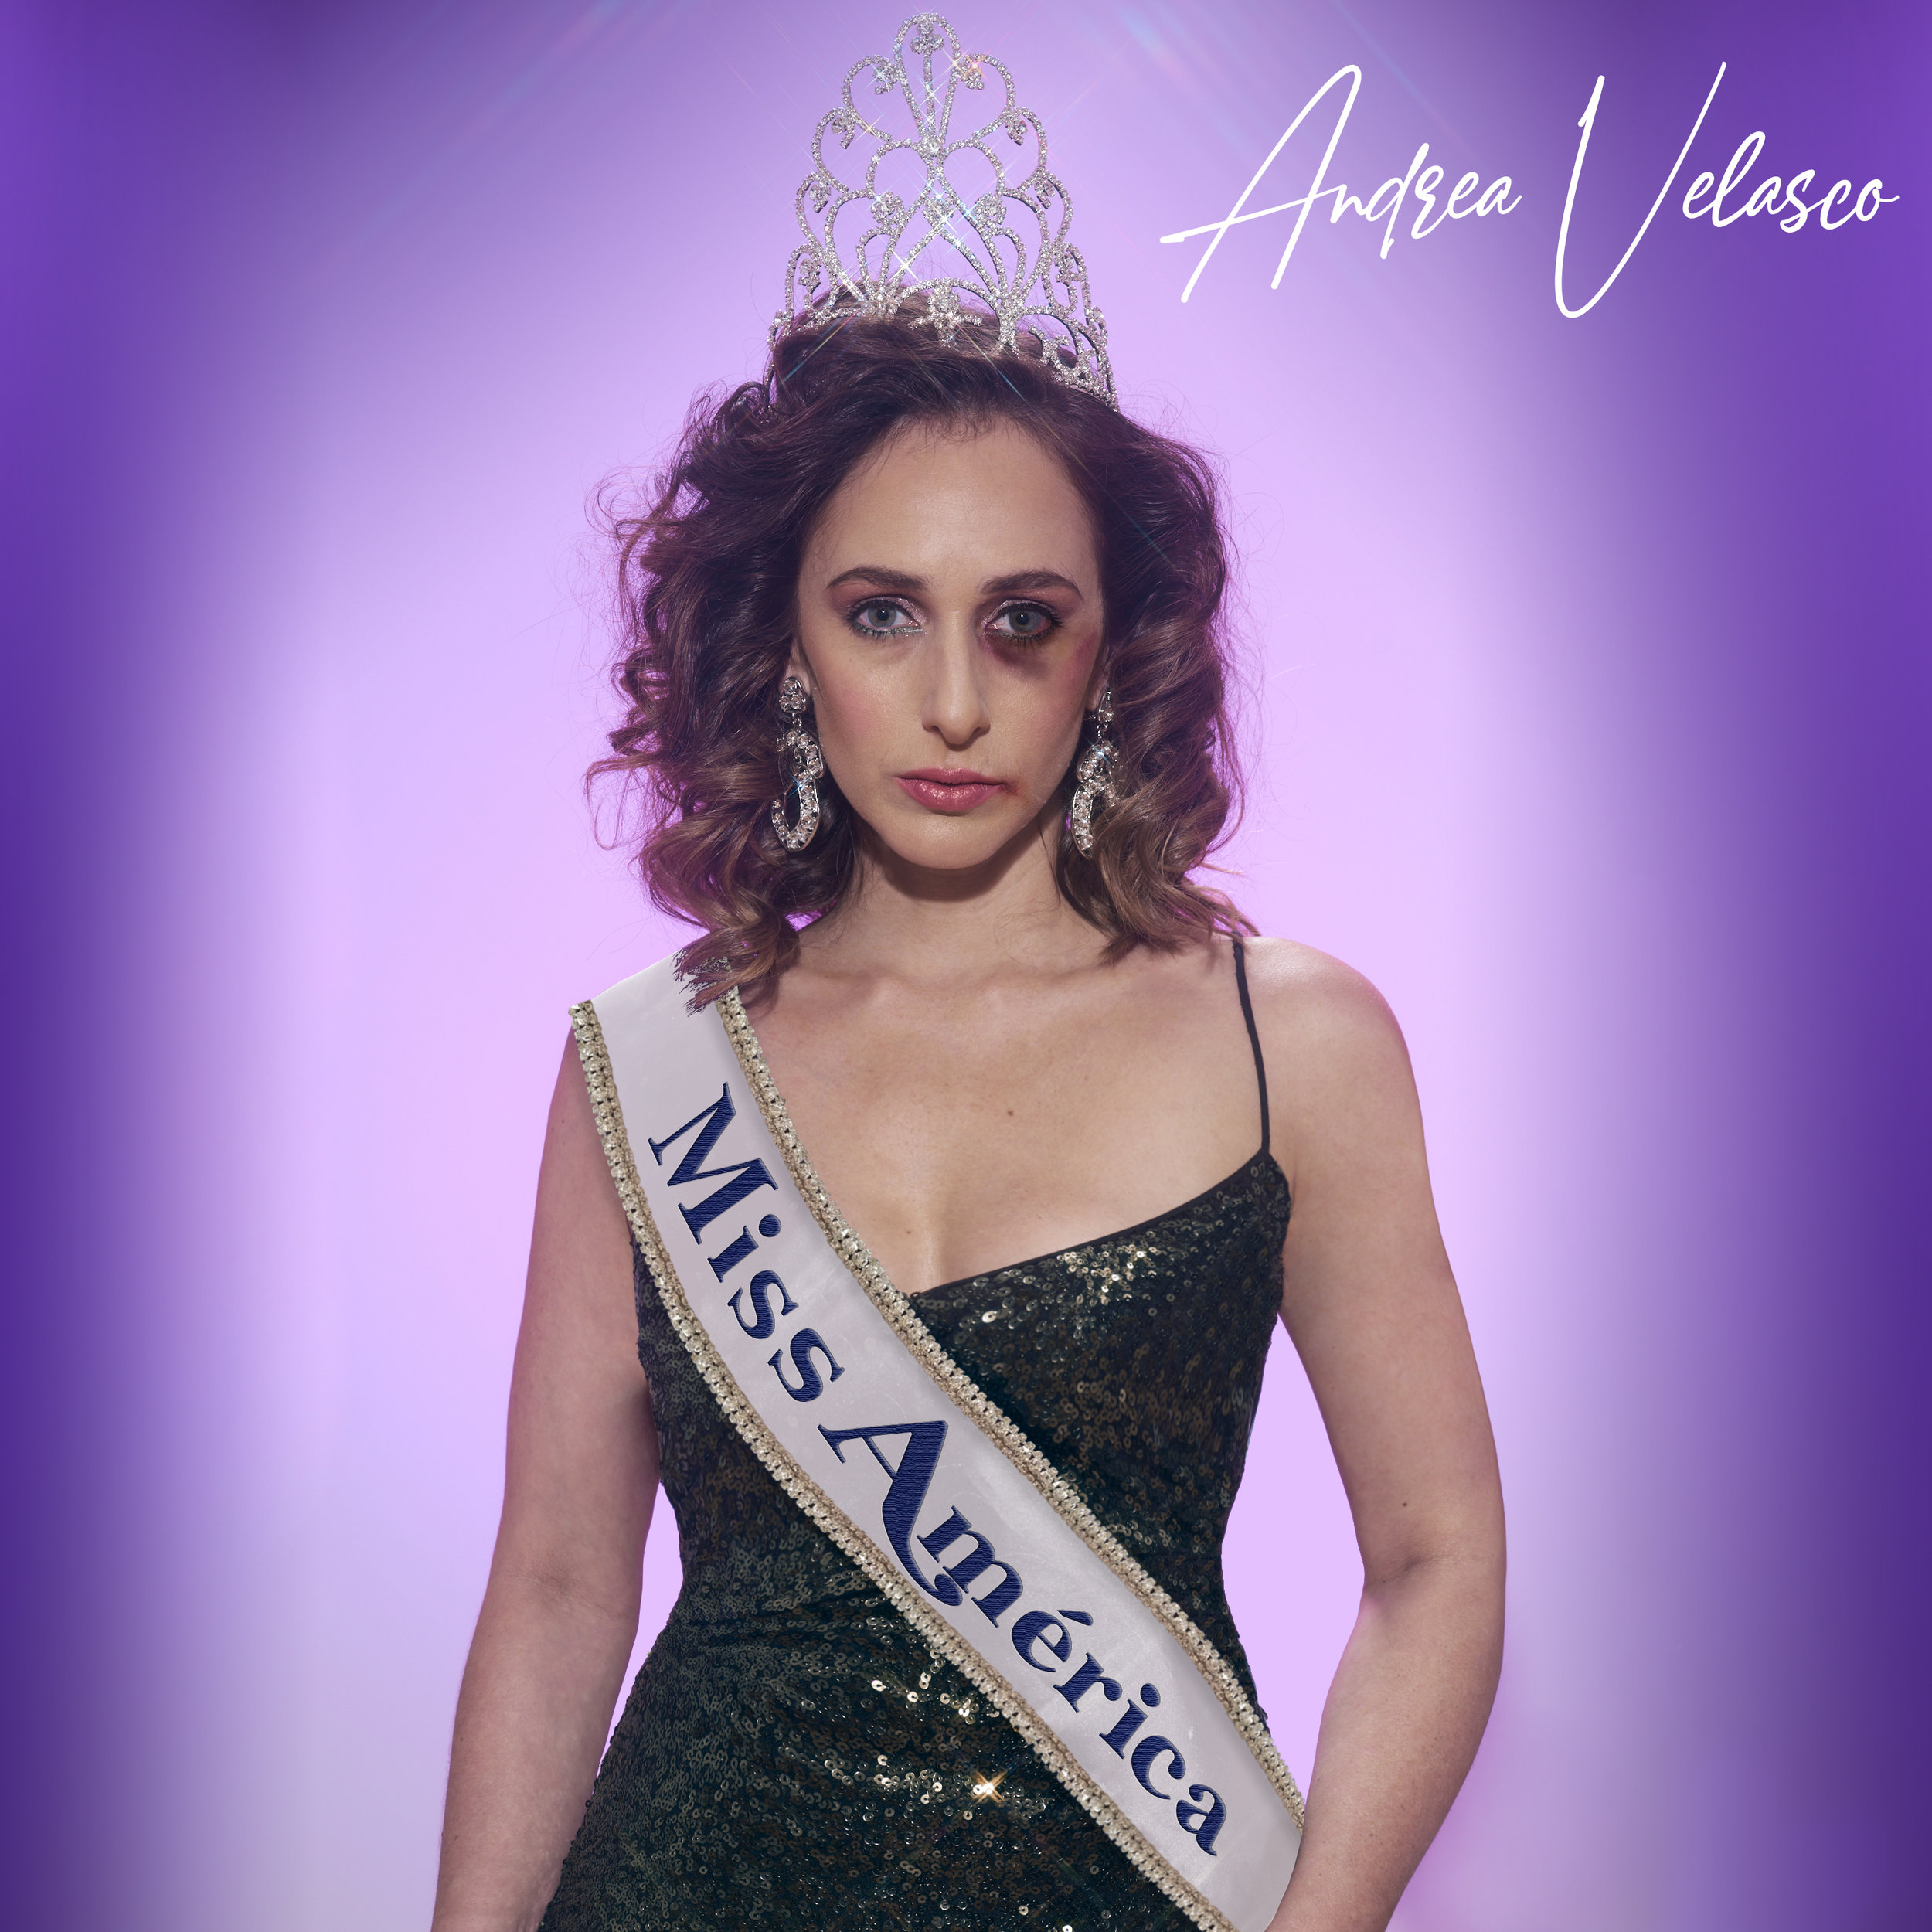 Andrea Velasco - Miss América single cover.jpg